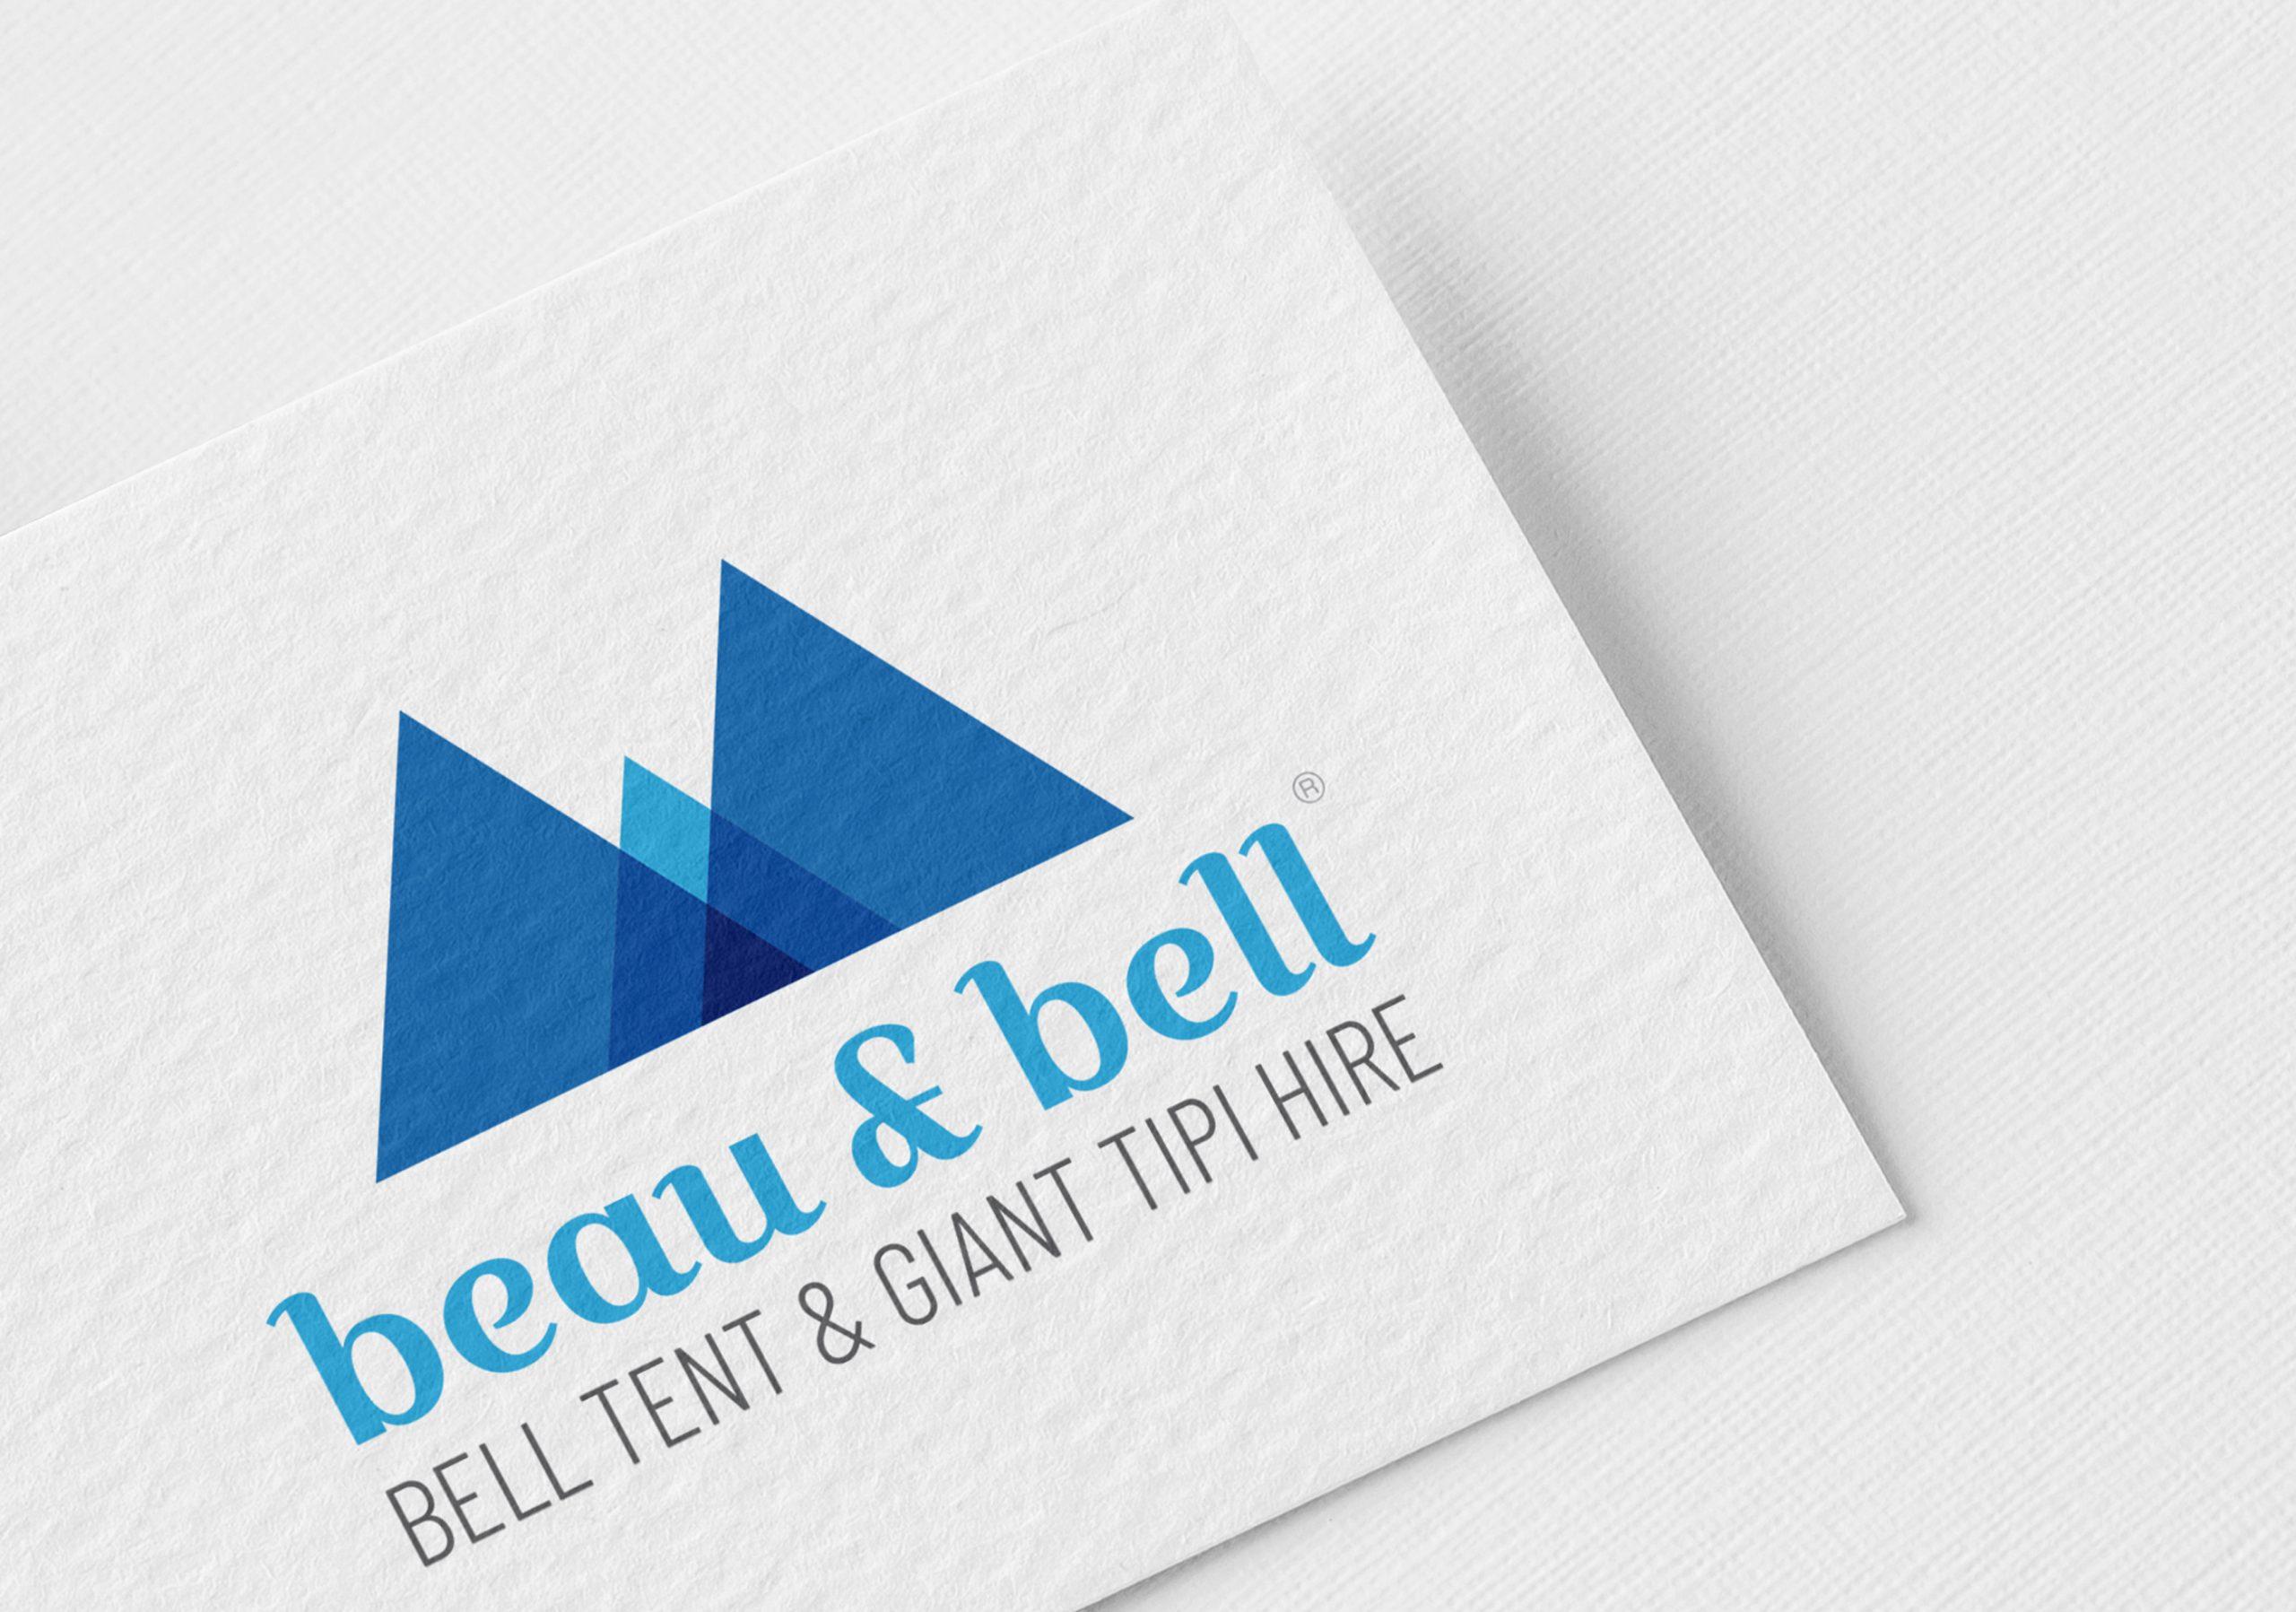 Beau & Bell